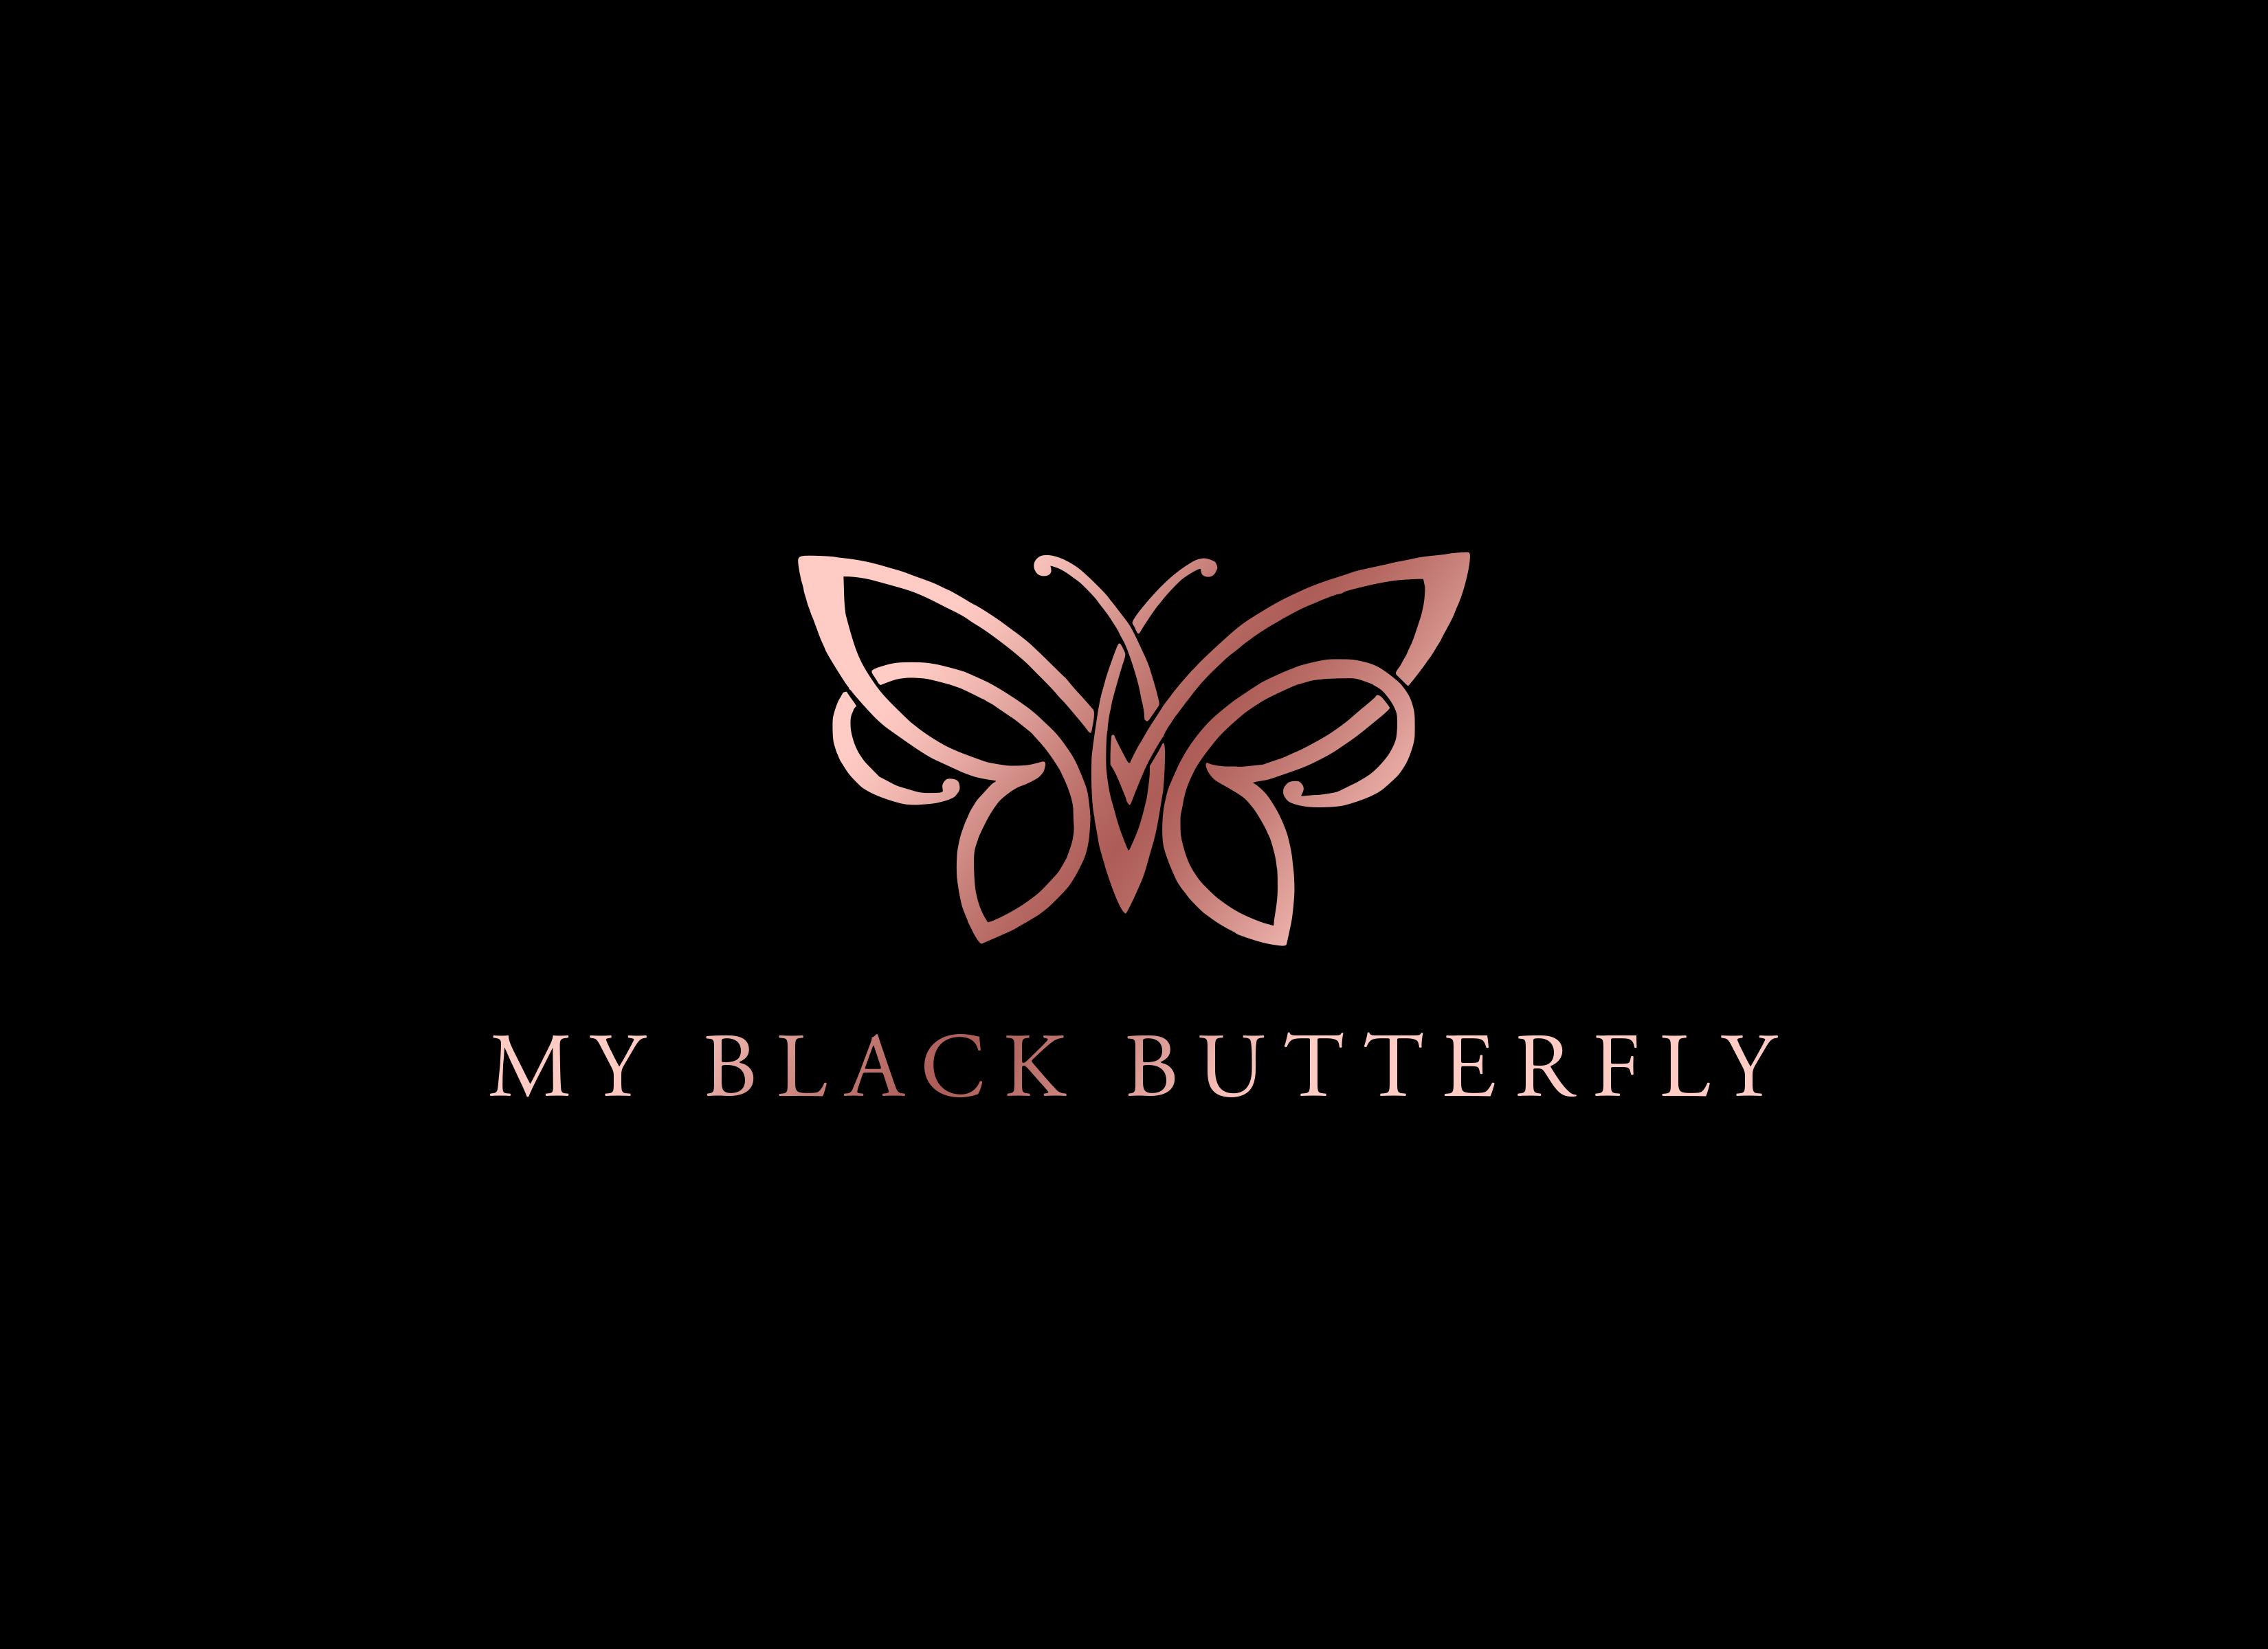 My Black Butterfly